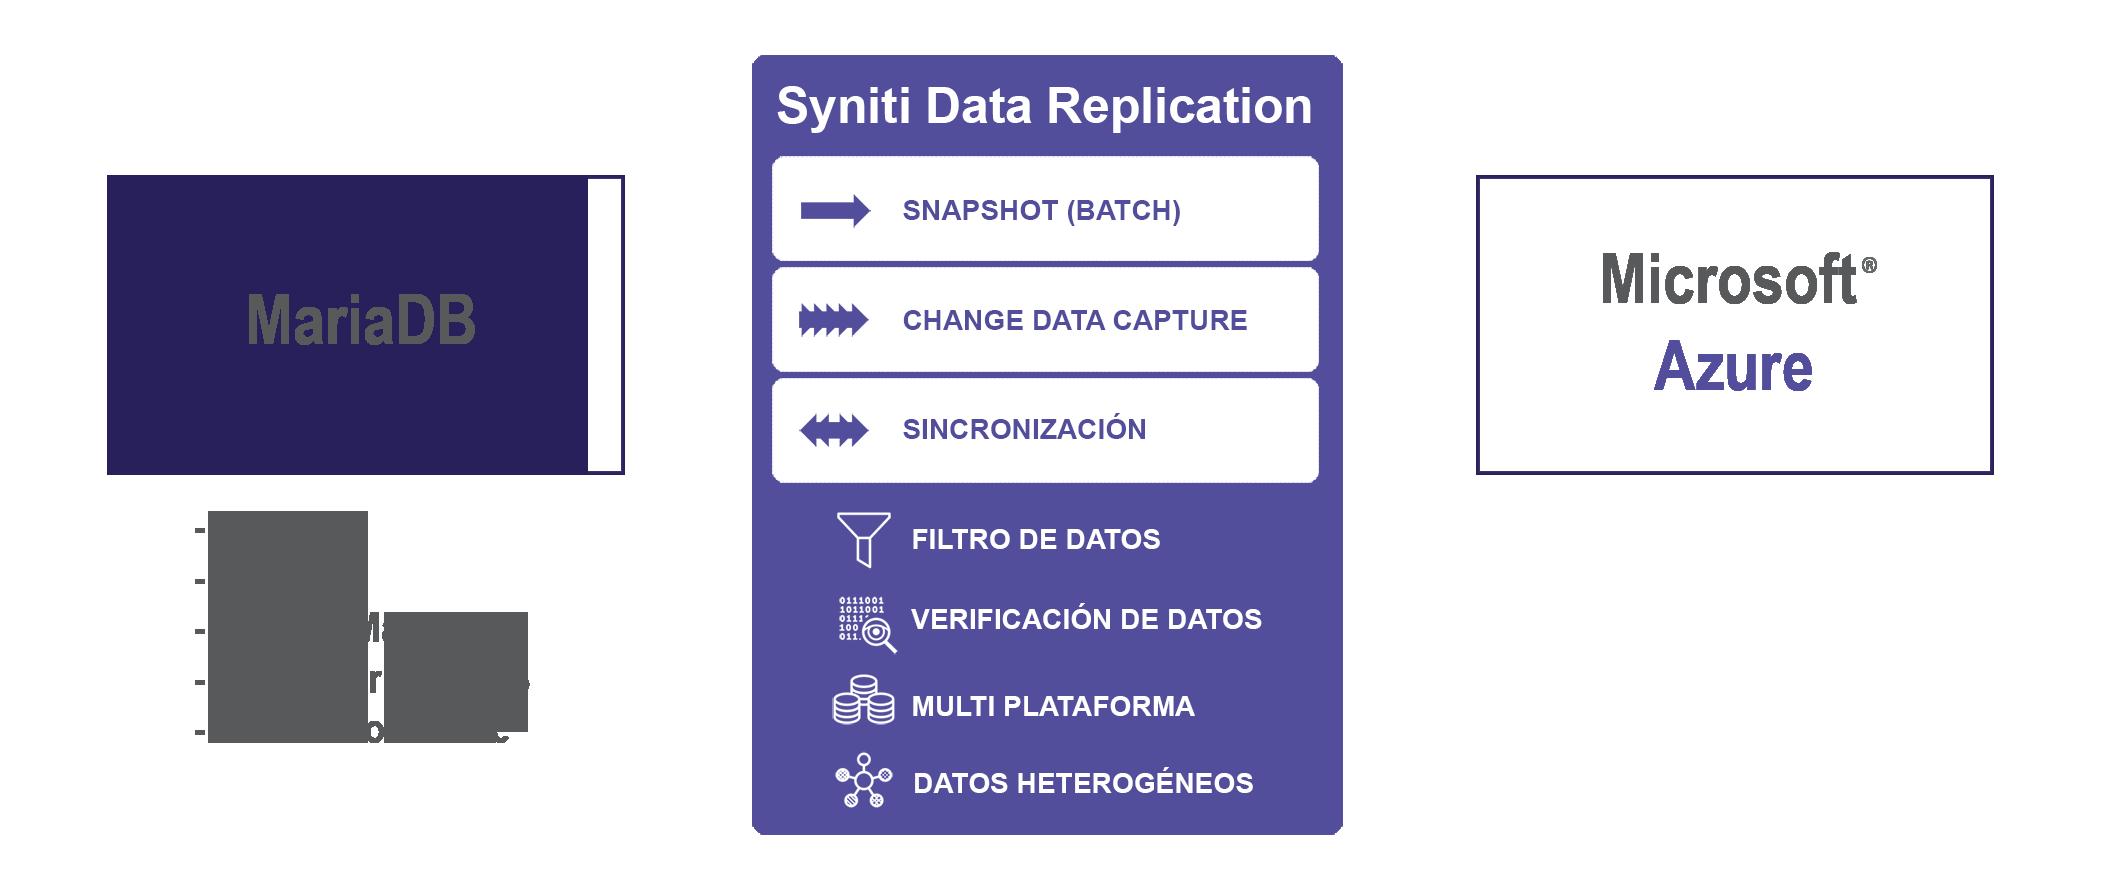 Replicacion de datos MariaDB a Azure SQL Database en tiempo real